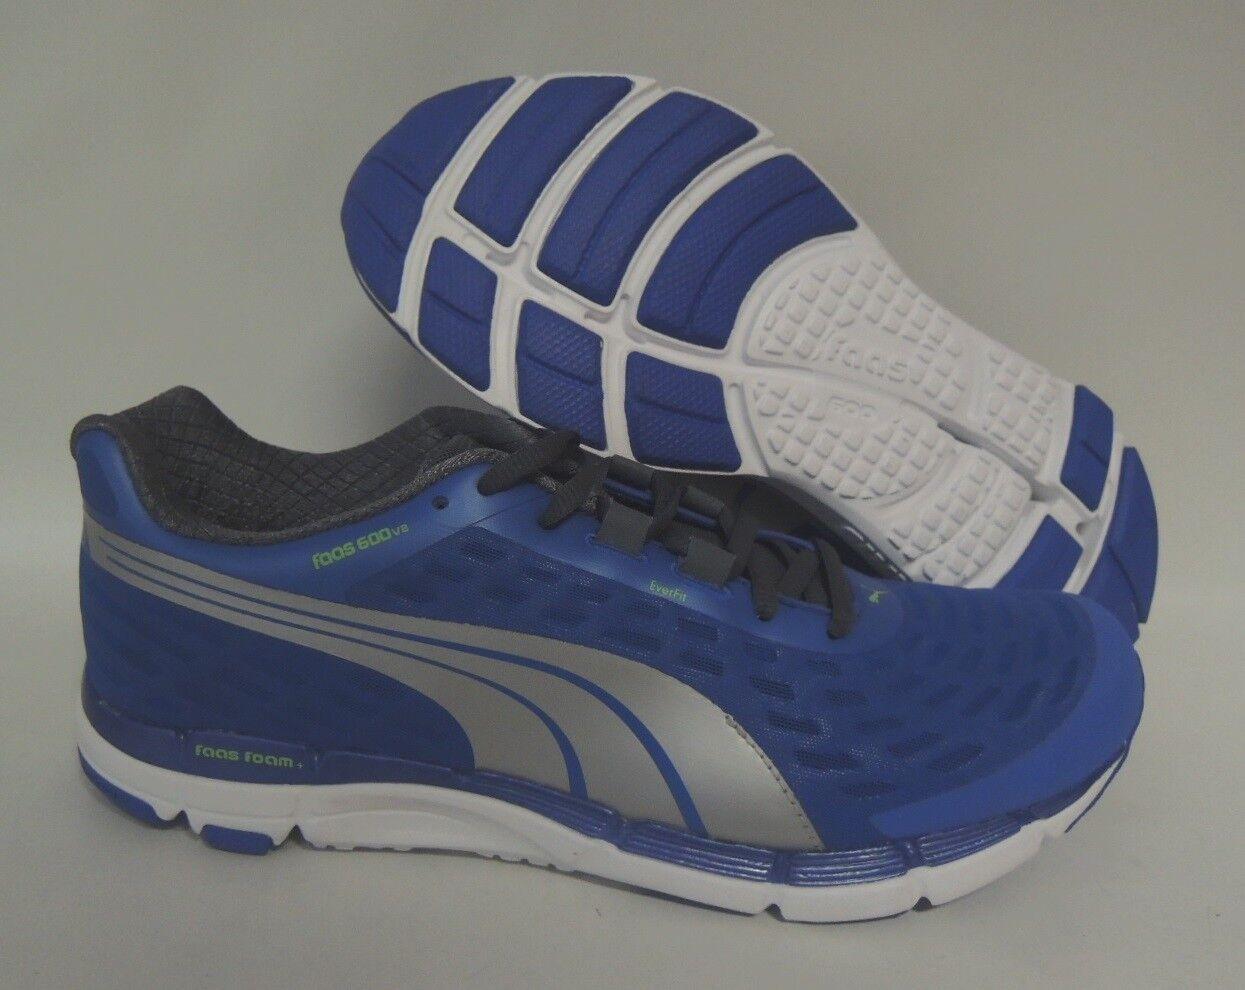 NEU Puma Faas 600 V2 Größe 46 Herren Laufschuhe Running Schuhe 187296-08